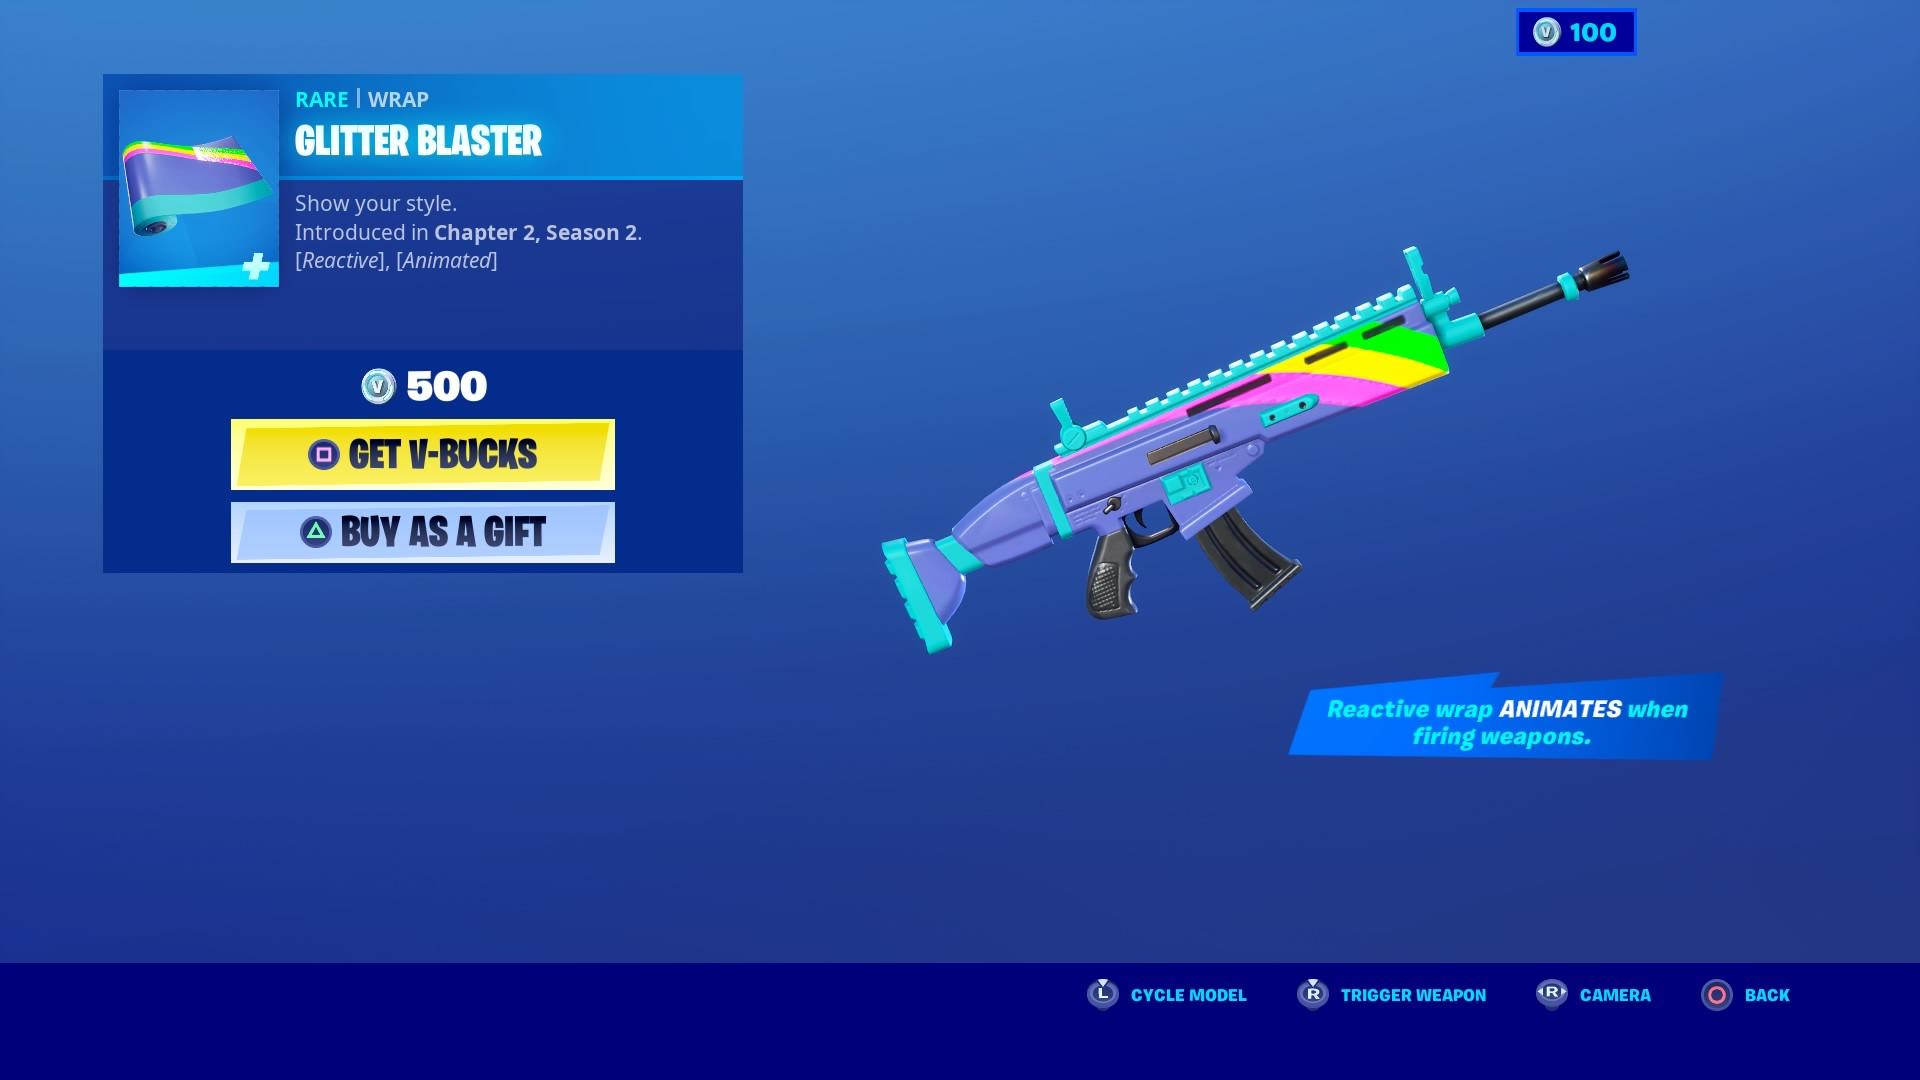 fortnite glitter blaster wallpaper 71507